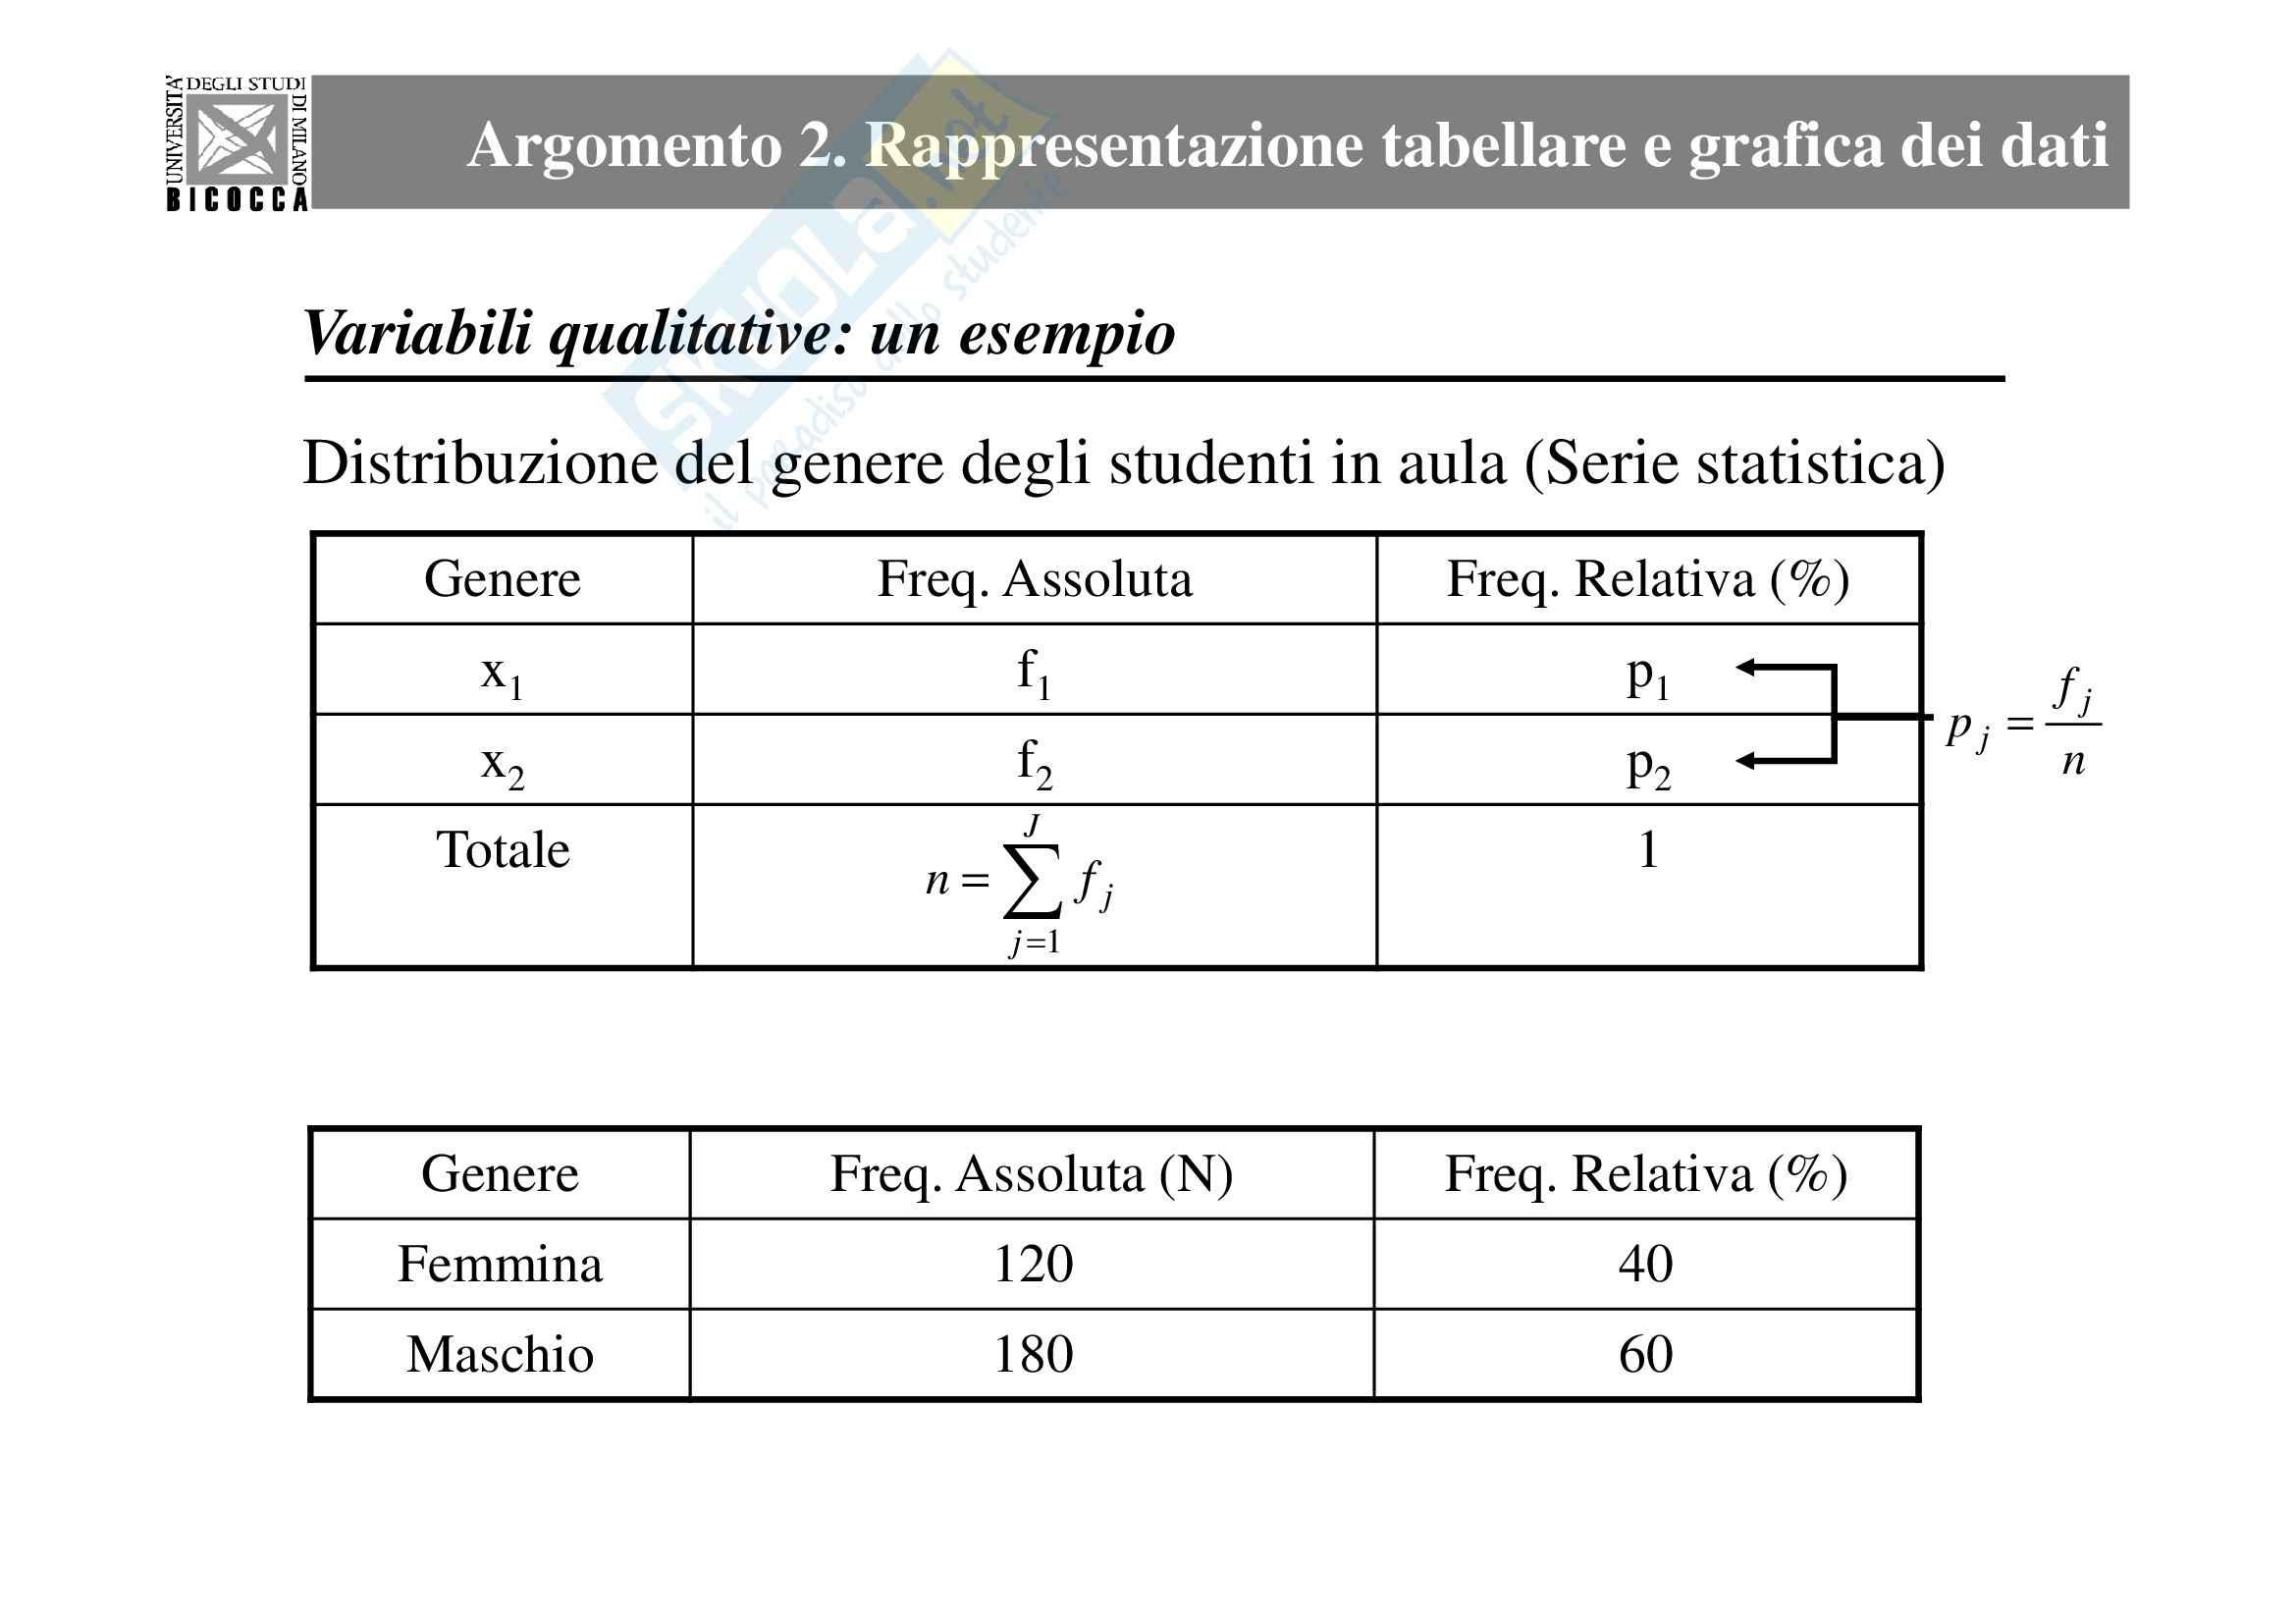 Statistica - la rappresentazione tabellare e grafica dei dati Pag. 6